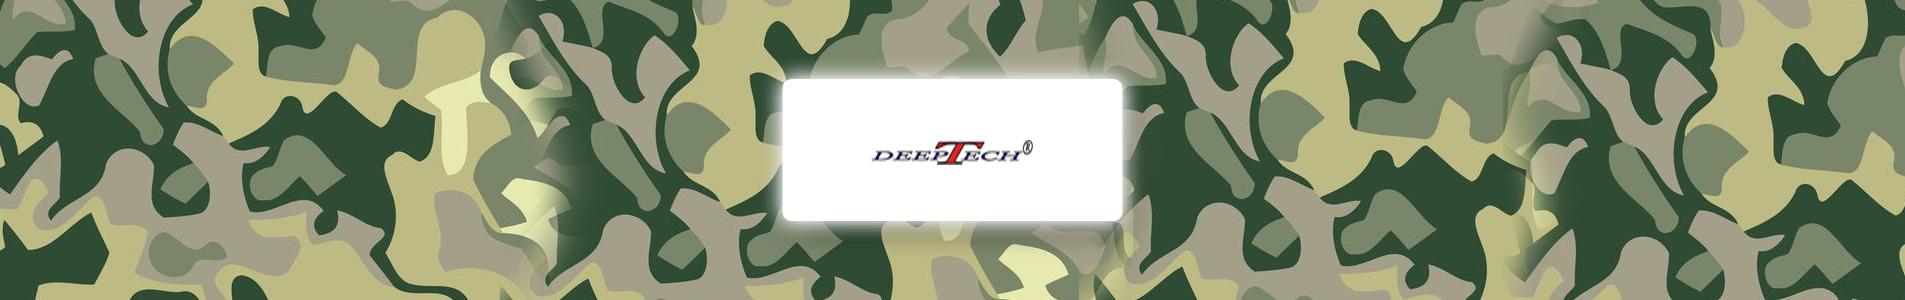 DEEPTECCH